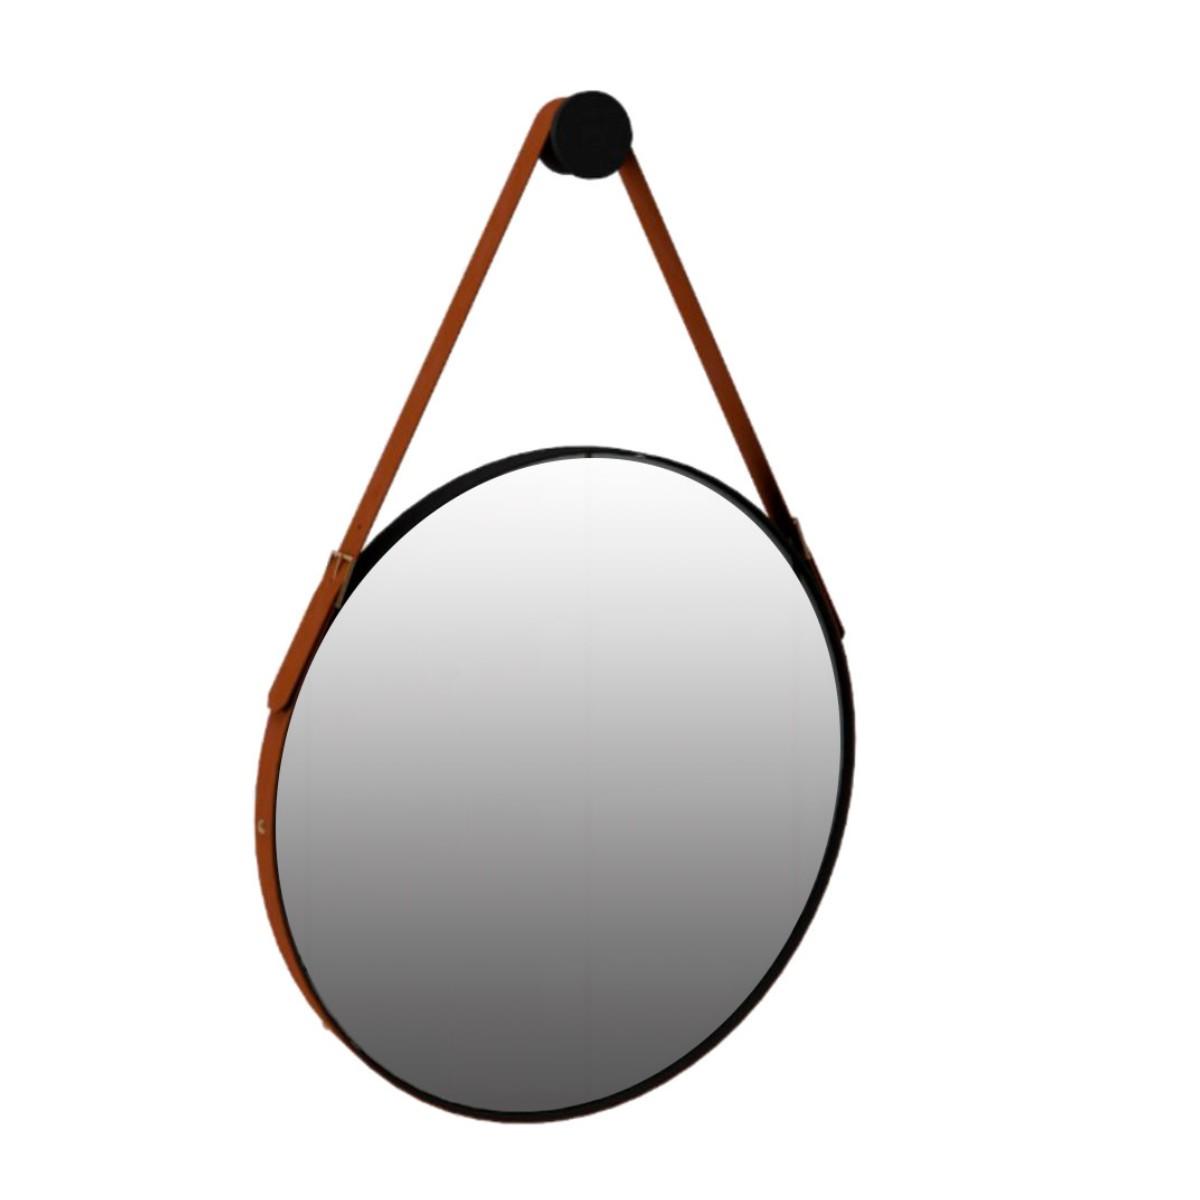 Espelho Redondo Decorativo com Alça Onix - Preto Fosco 50cm